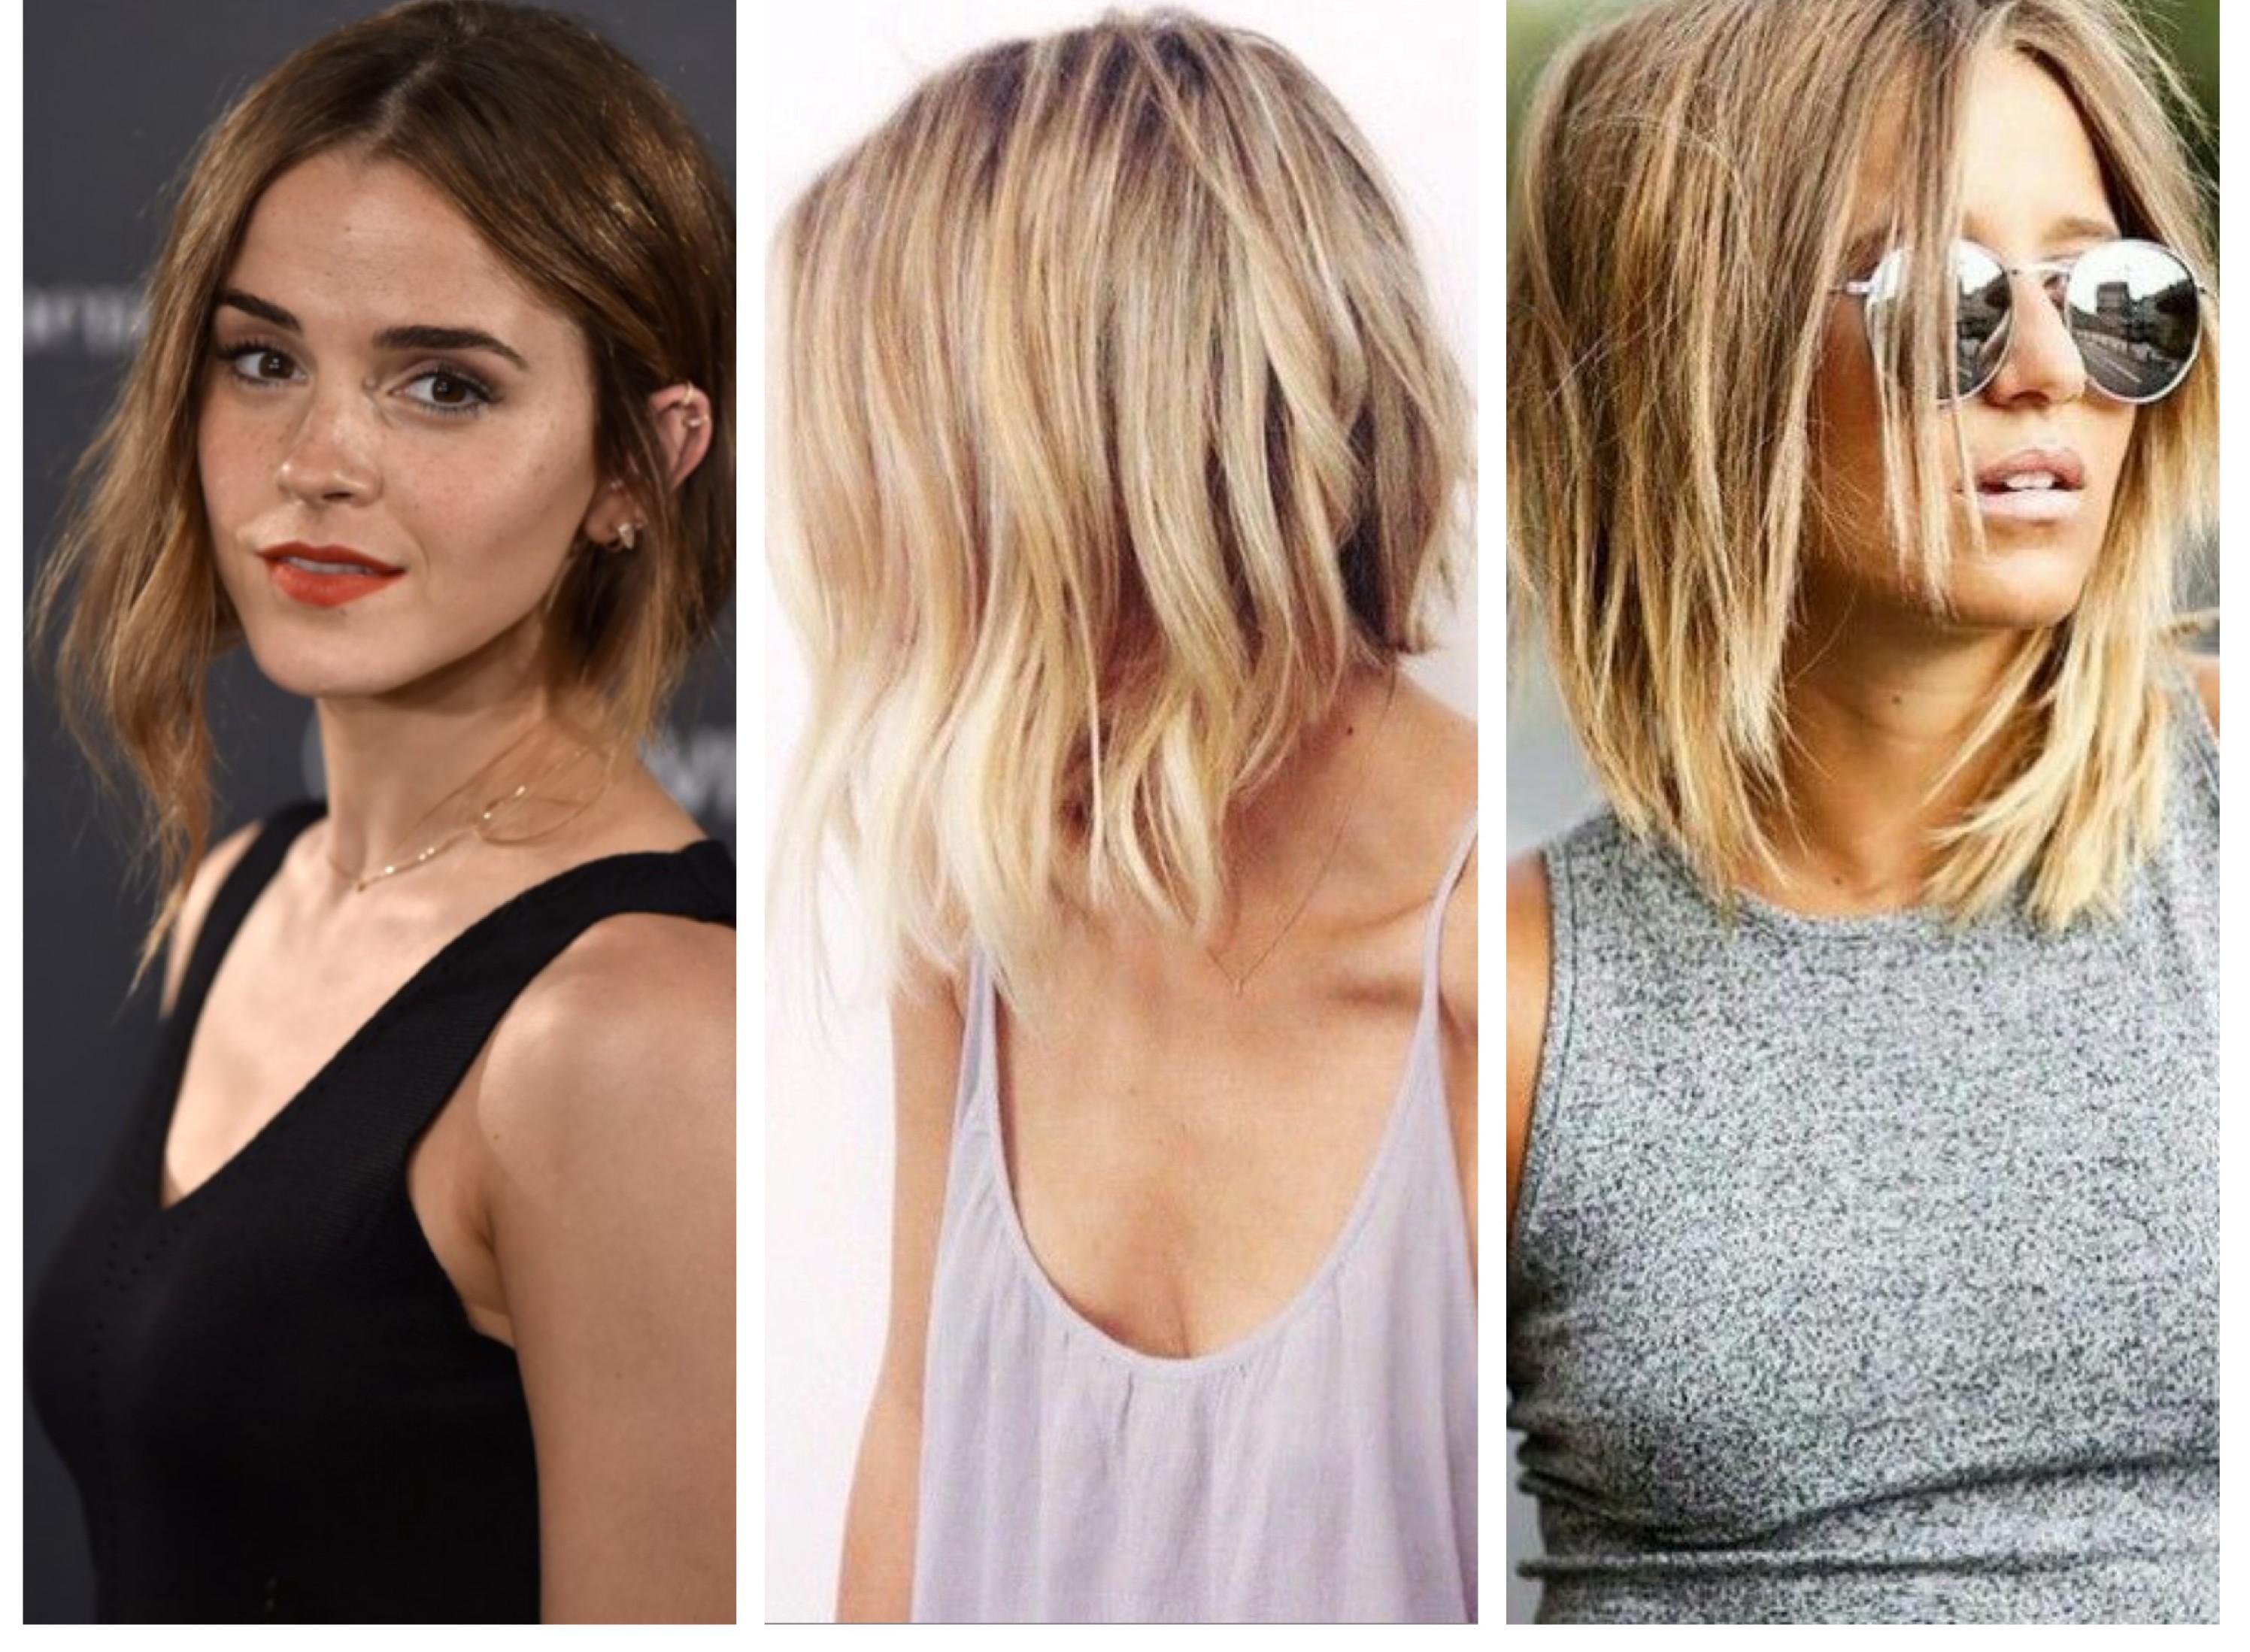 image24-6 | Женские стрижки до плеч: особенности выбора стрижки, основные разновидности (62 фото)